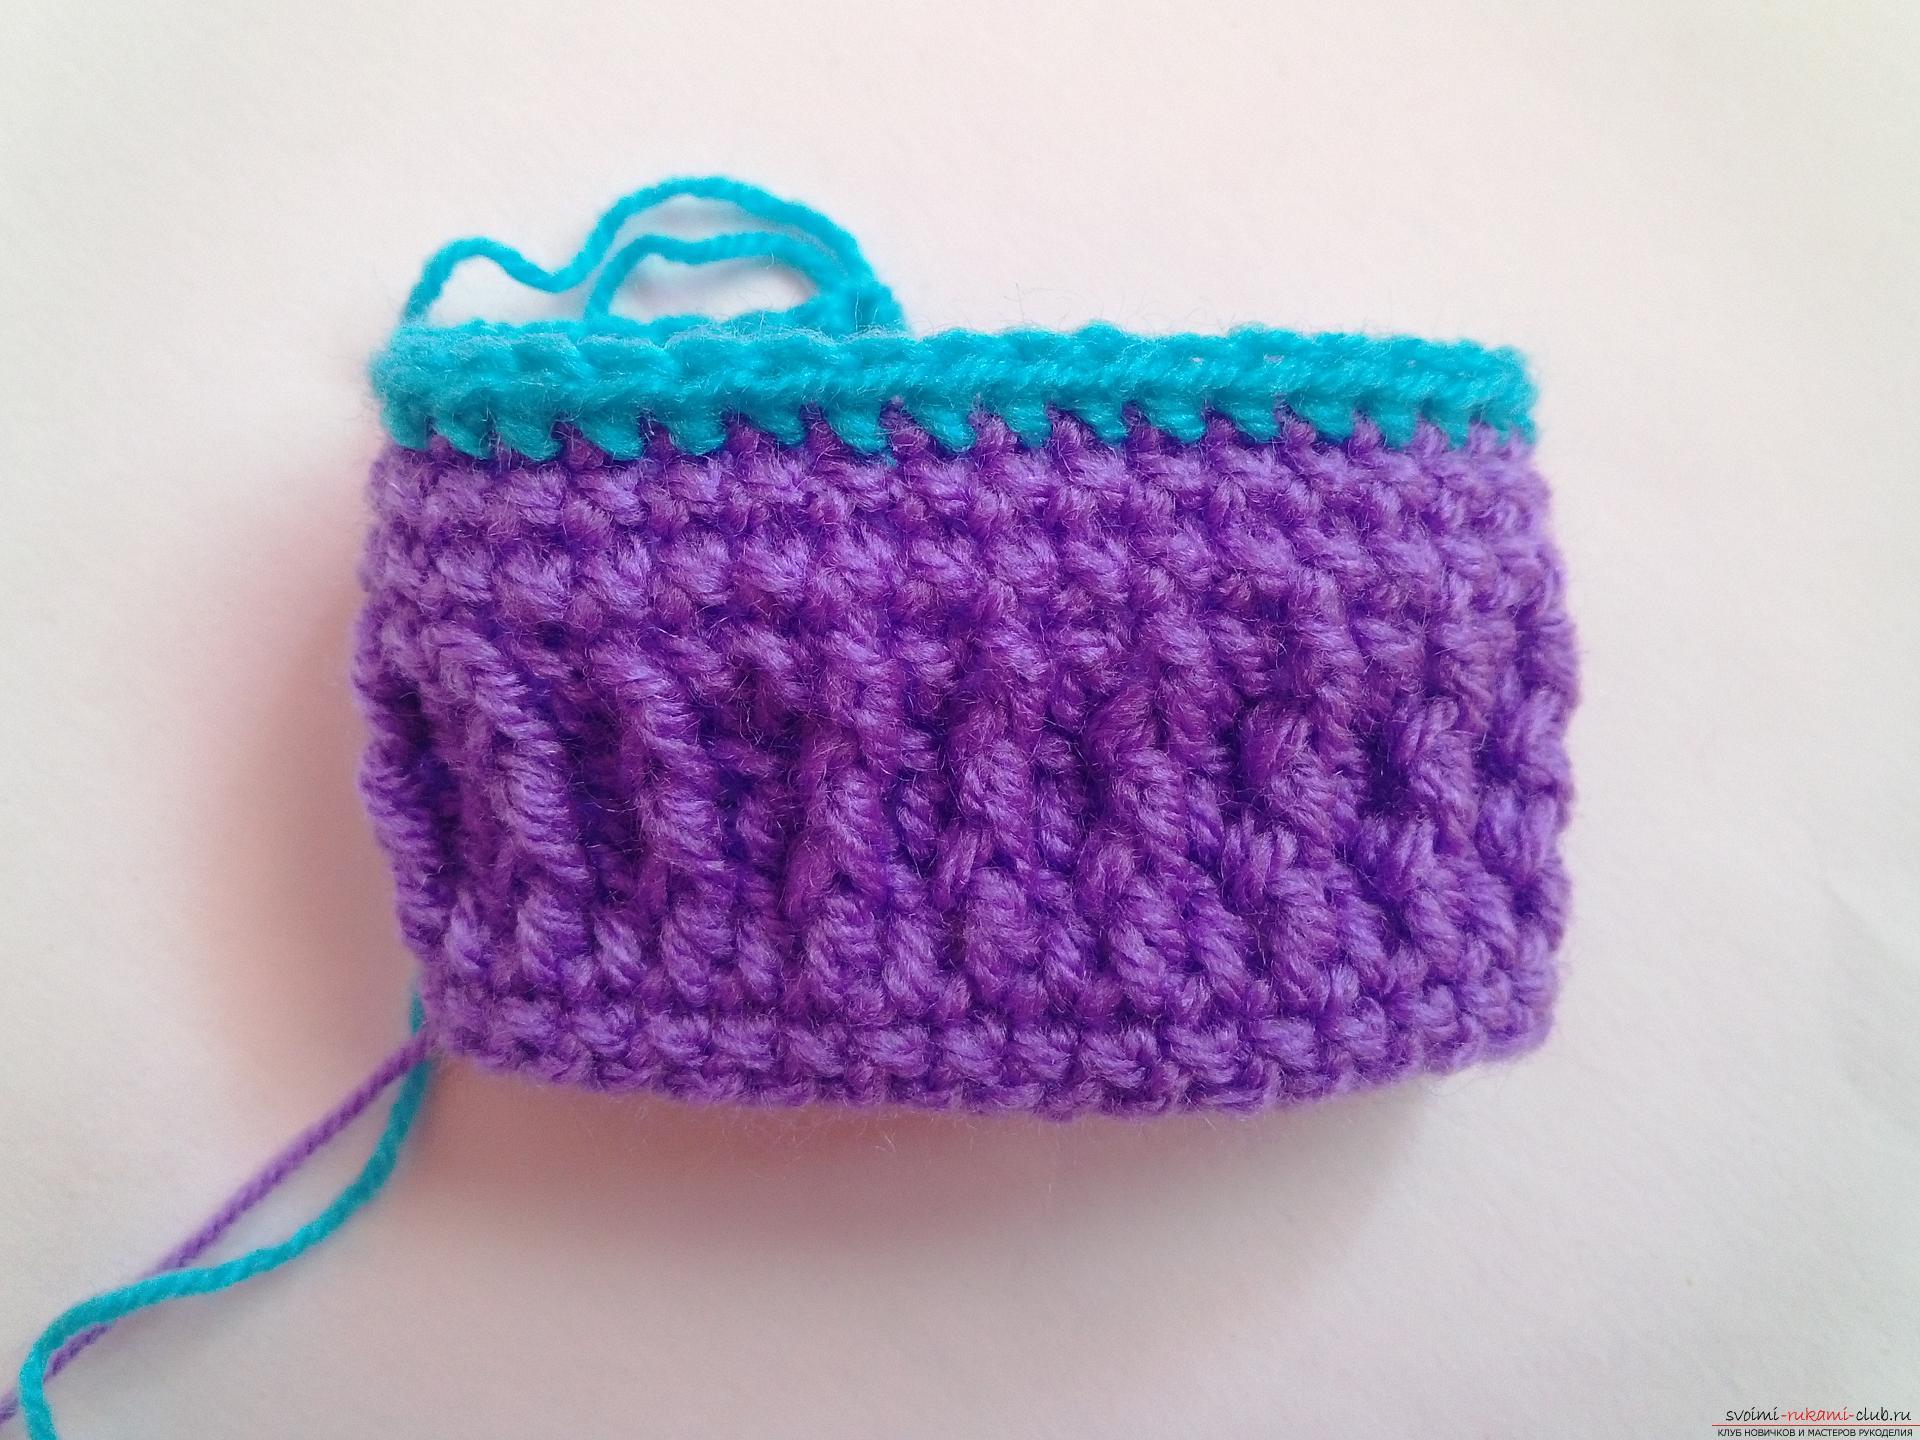 Вязание крючком для начинающих. 50 простых схем вязания 31